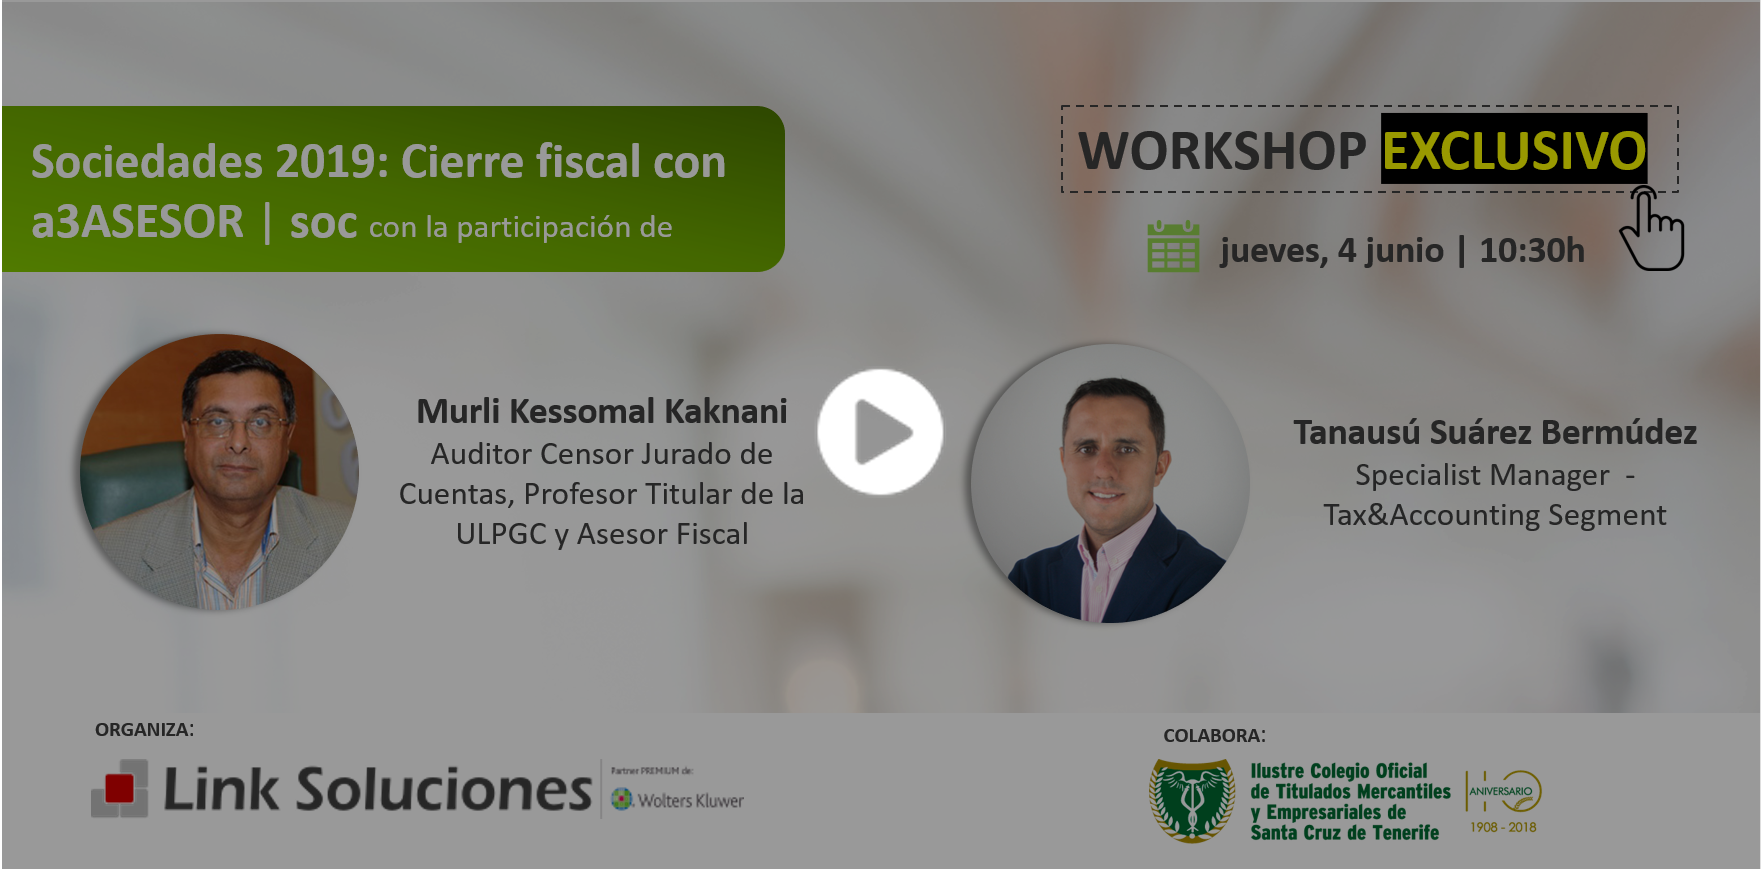 Workshop Sociedades 2019: Cierre fiscal con a3ASESOR | soc